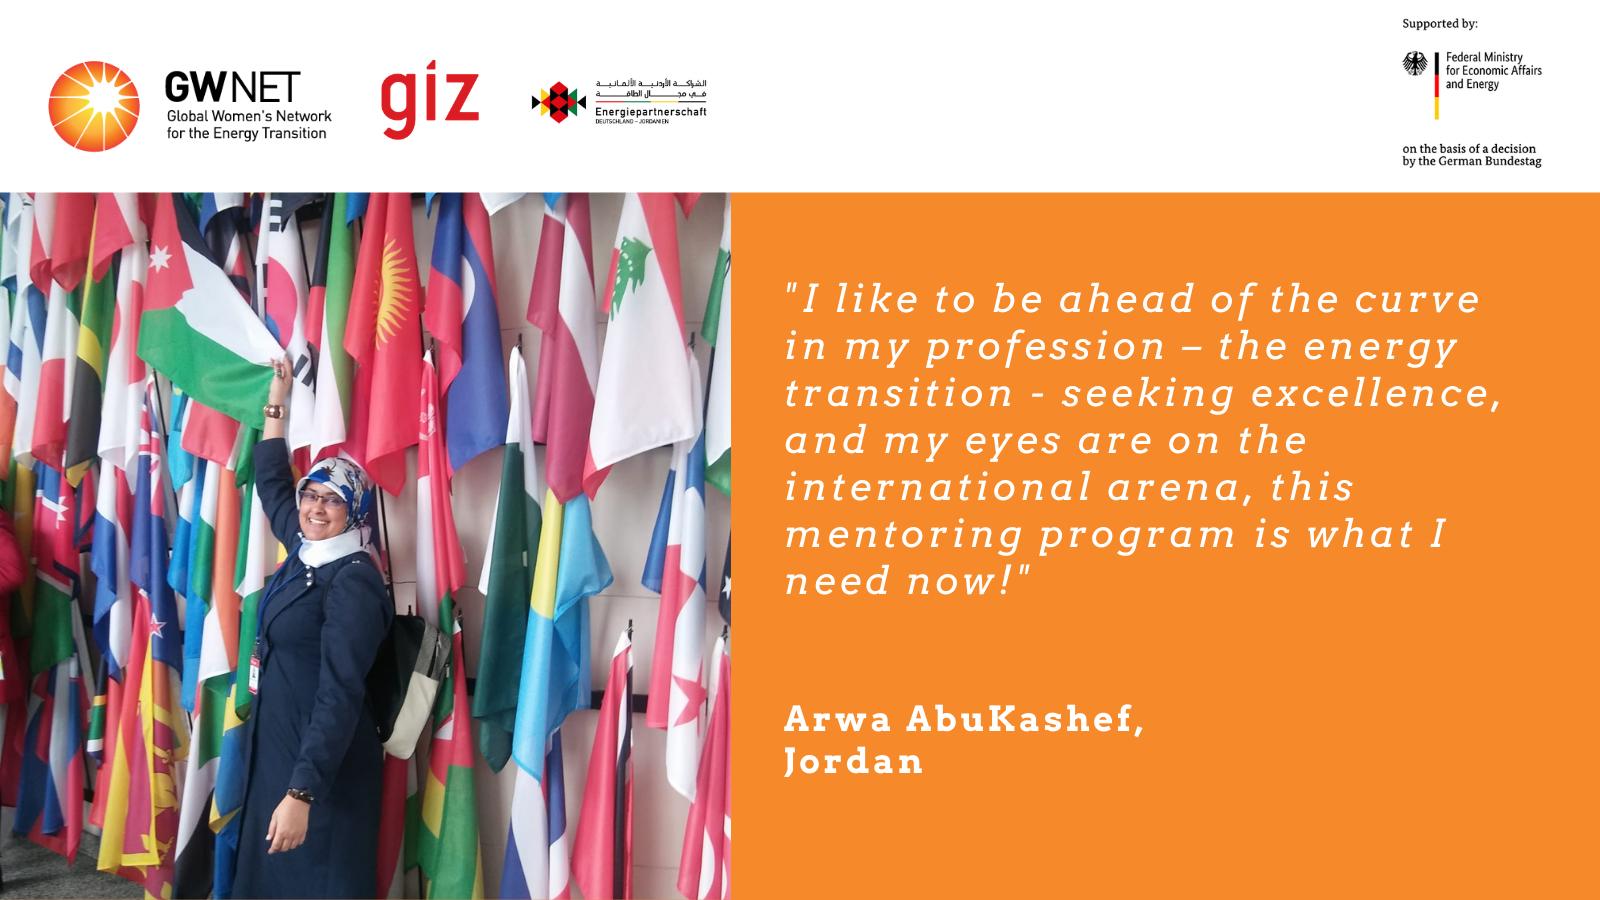 Arwa AbuKashef quote